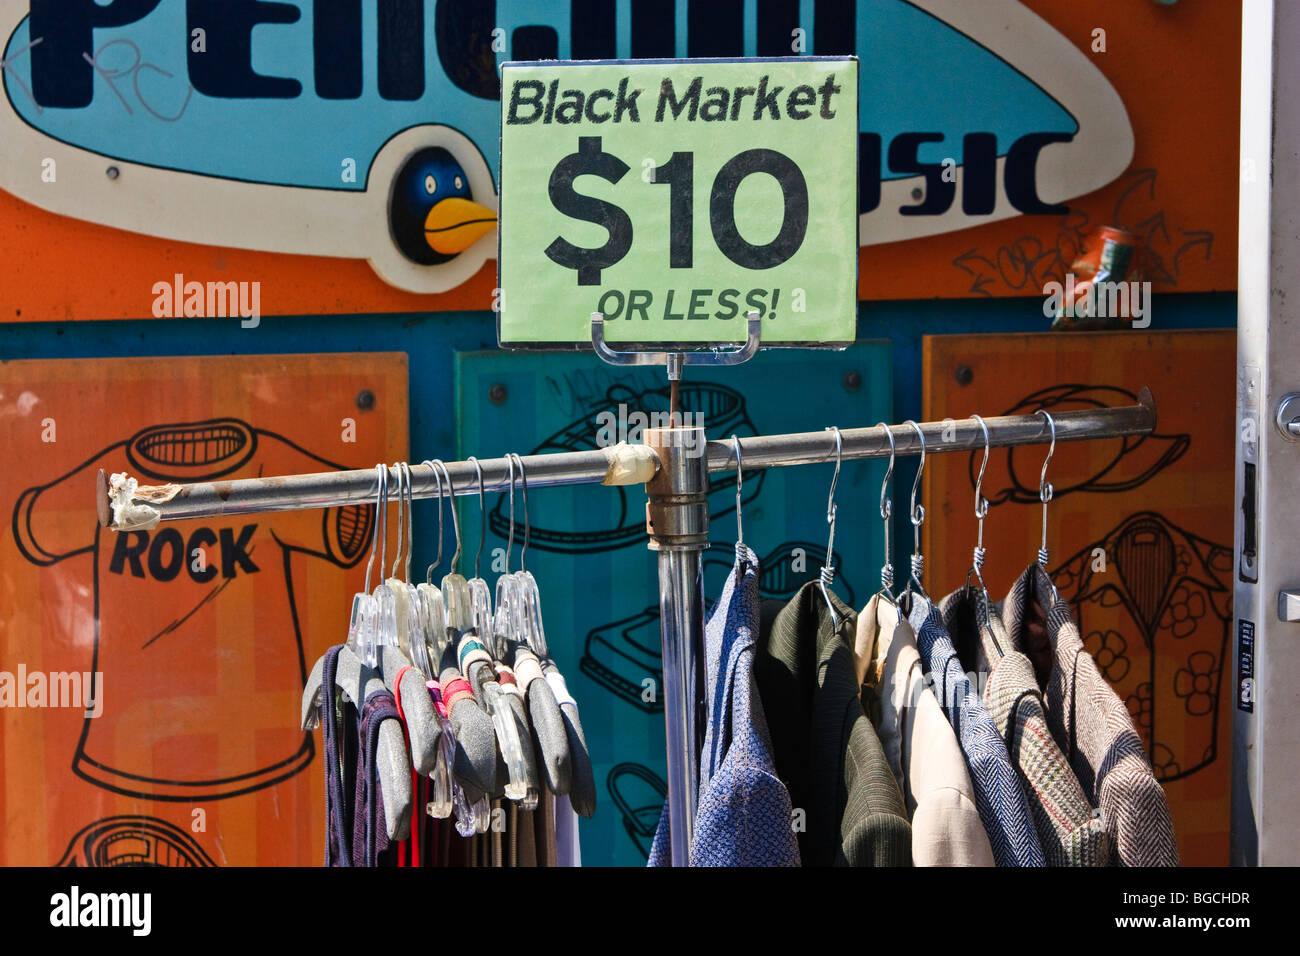 """Kleidung auf einem Gestell mit $10 oder weniger Preisschild. """"Schwarzmarkt"""" Shop in Toronto, Kanada. Stockbild"""